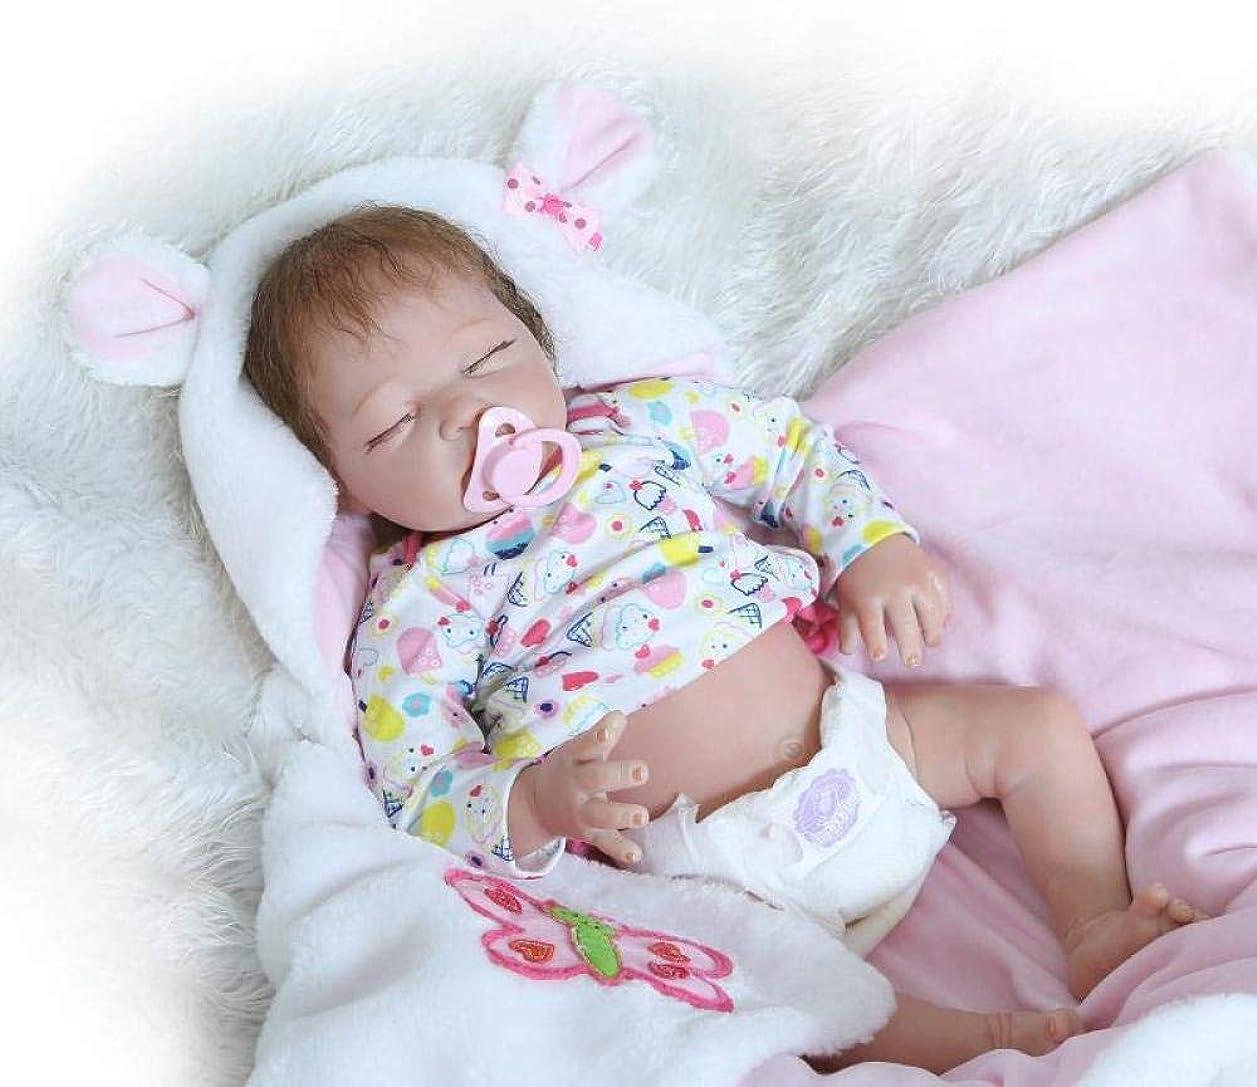 違う滝送信するリアルなベビードールおもちゃスリーピーリボーンベビーガール人形はリアルな55cm 22インチリアルな新生児シリコーンベビードールプレイメイト誕生日ギフトに見える